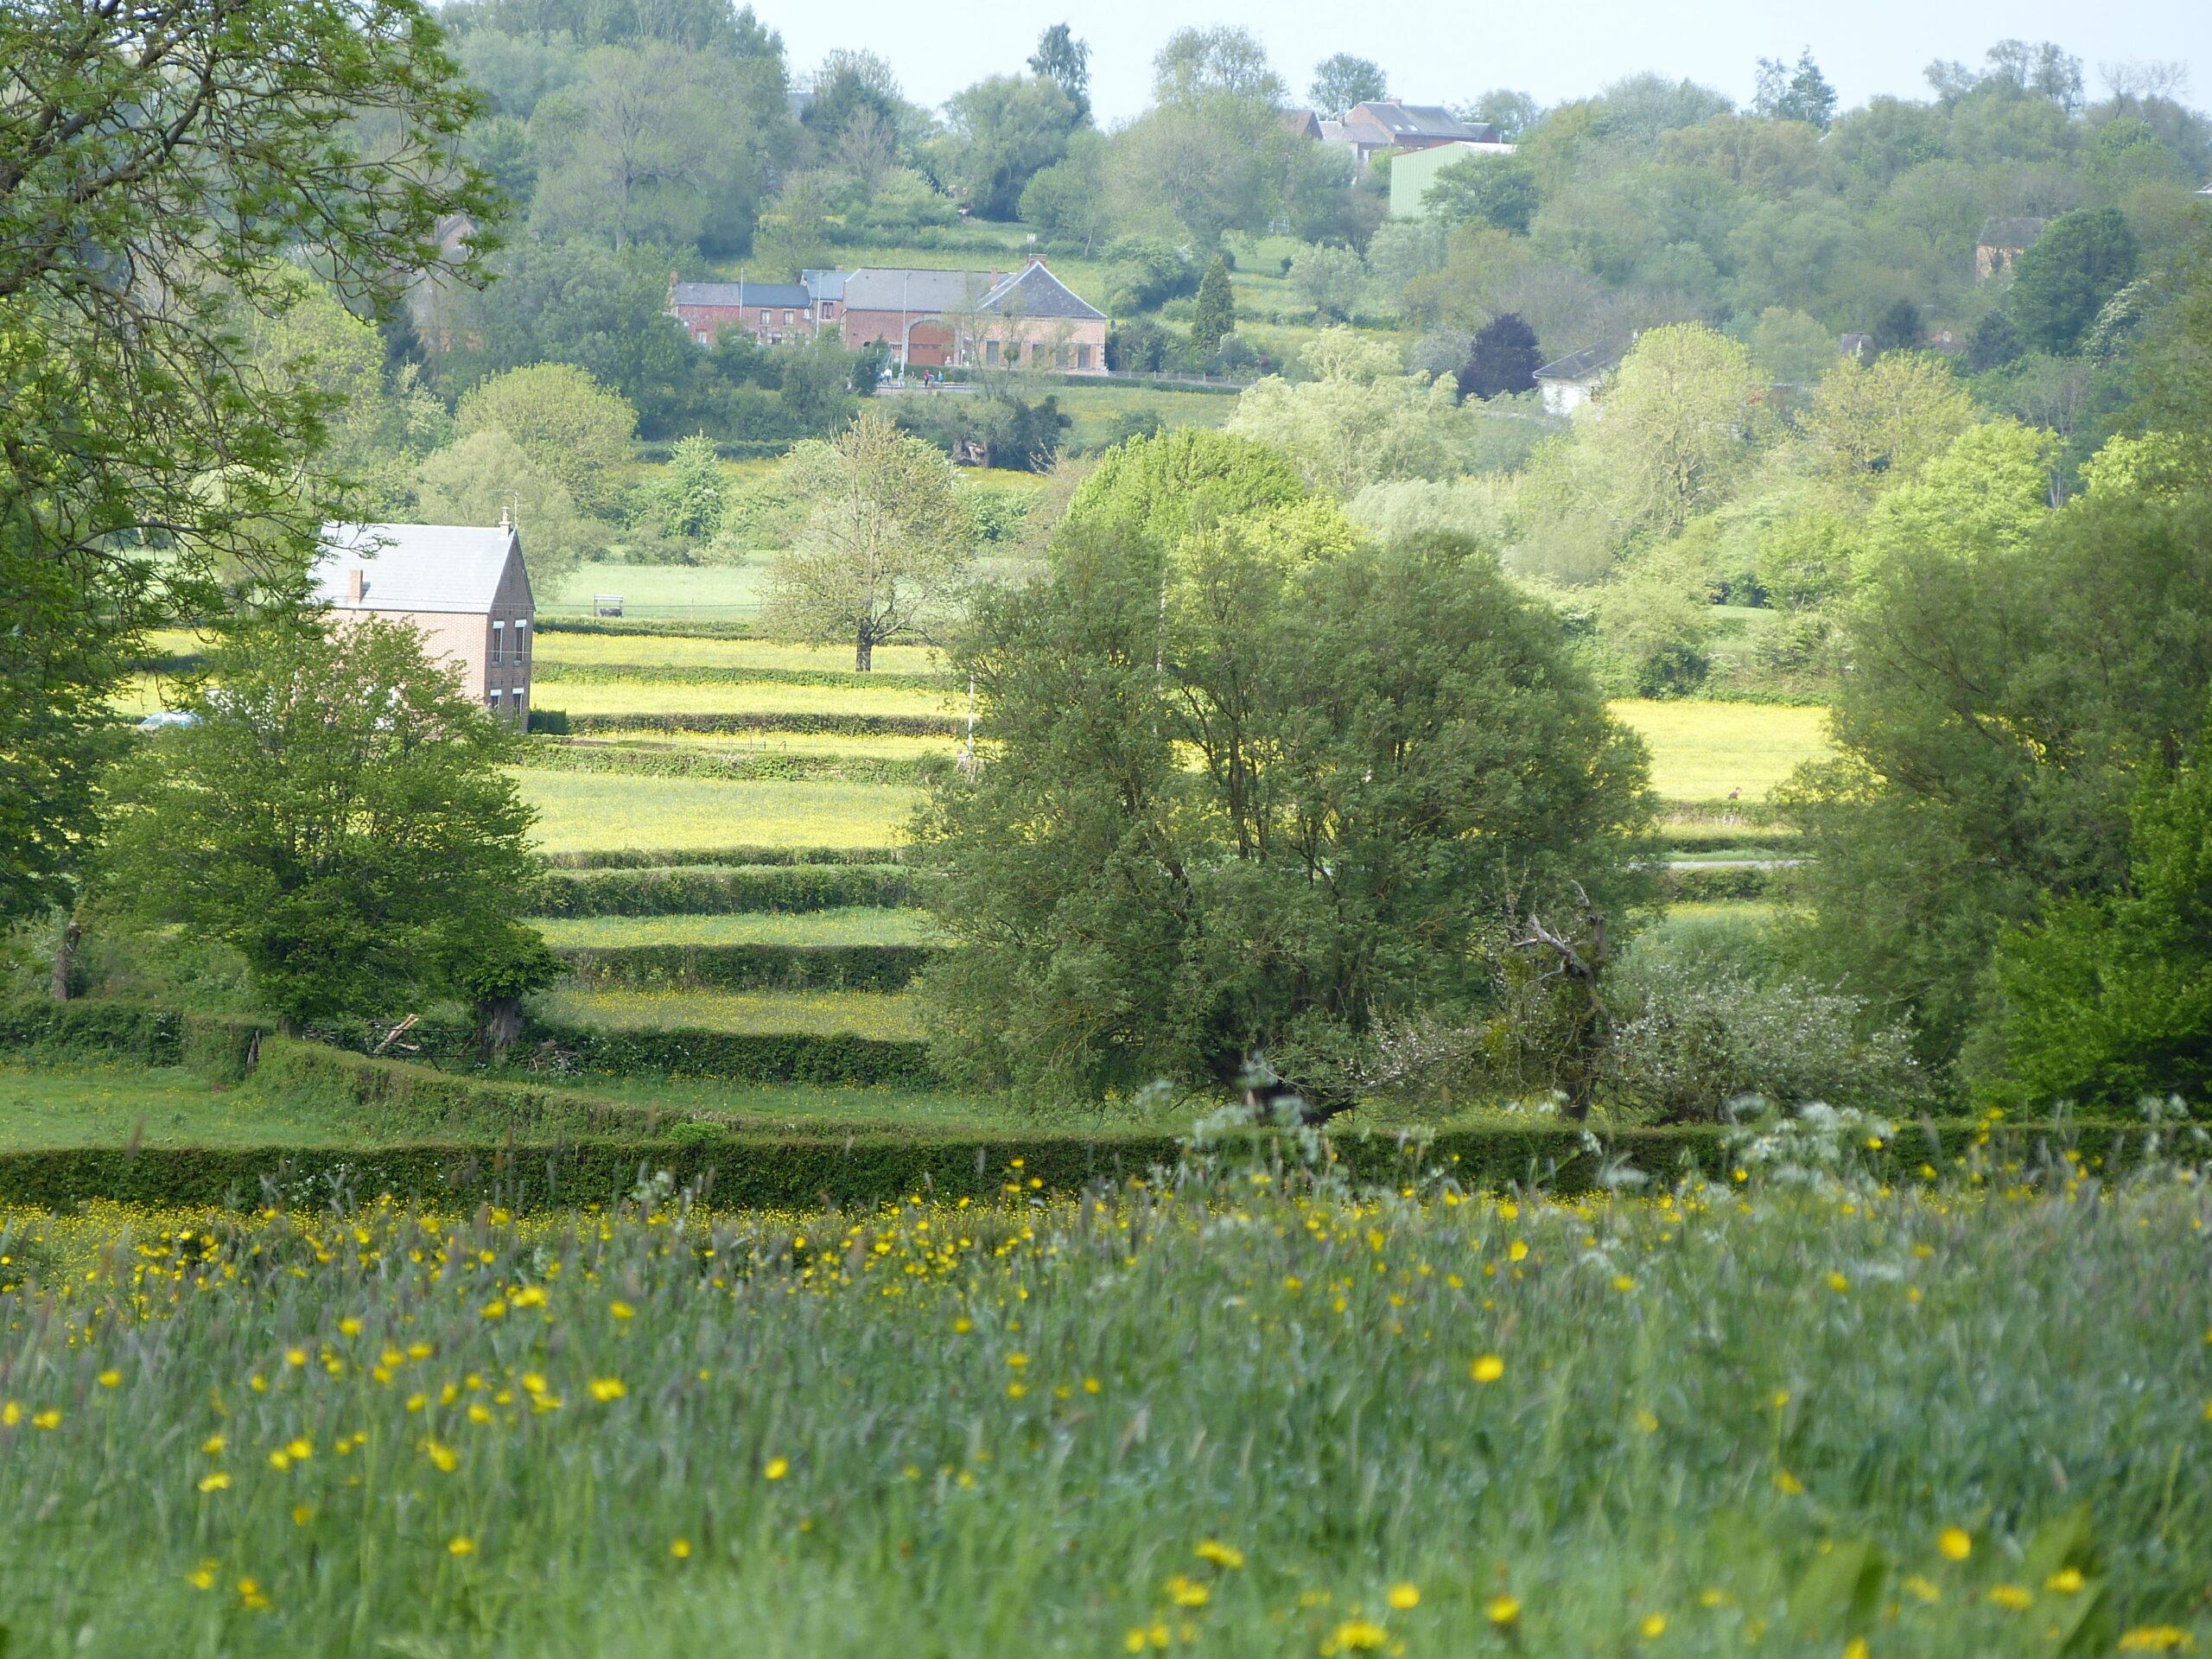 parquenaturalavesnois scaled - Parc Naturel Régional de l'Avesnois-Nord-France